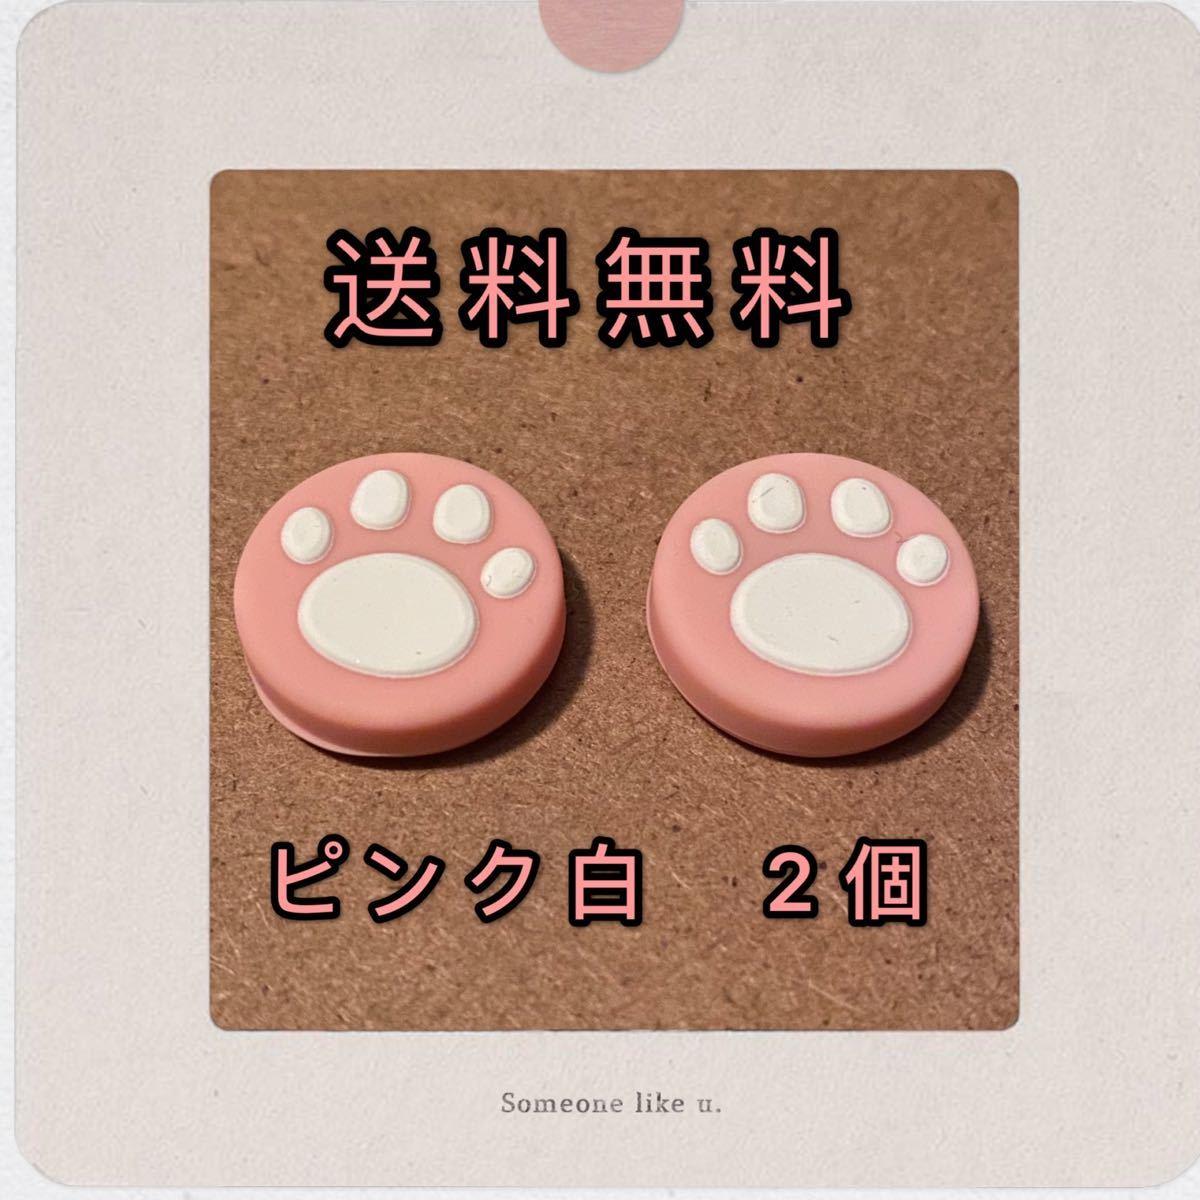 スイッチ 肉球 猫 ジョイコンスティックカバー ピンク白2個